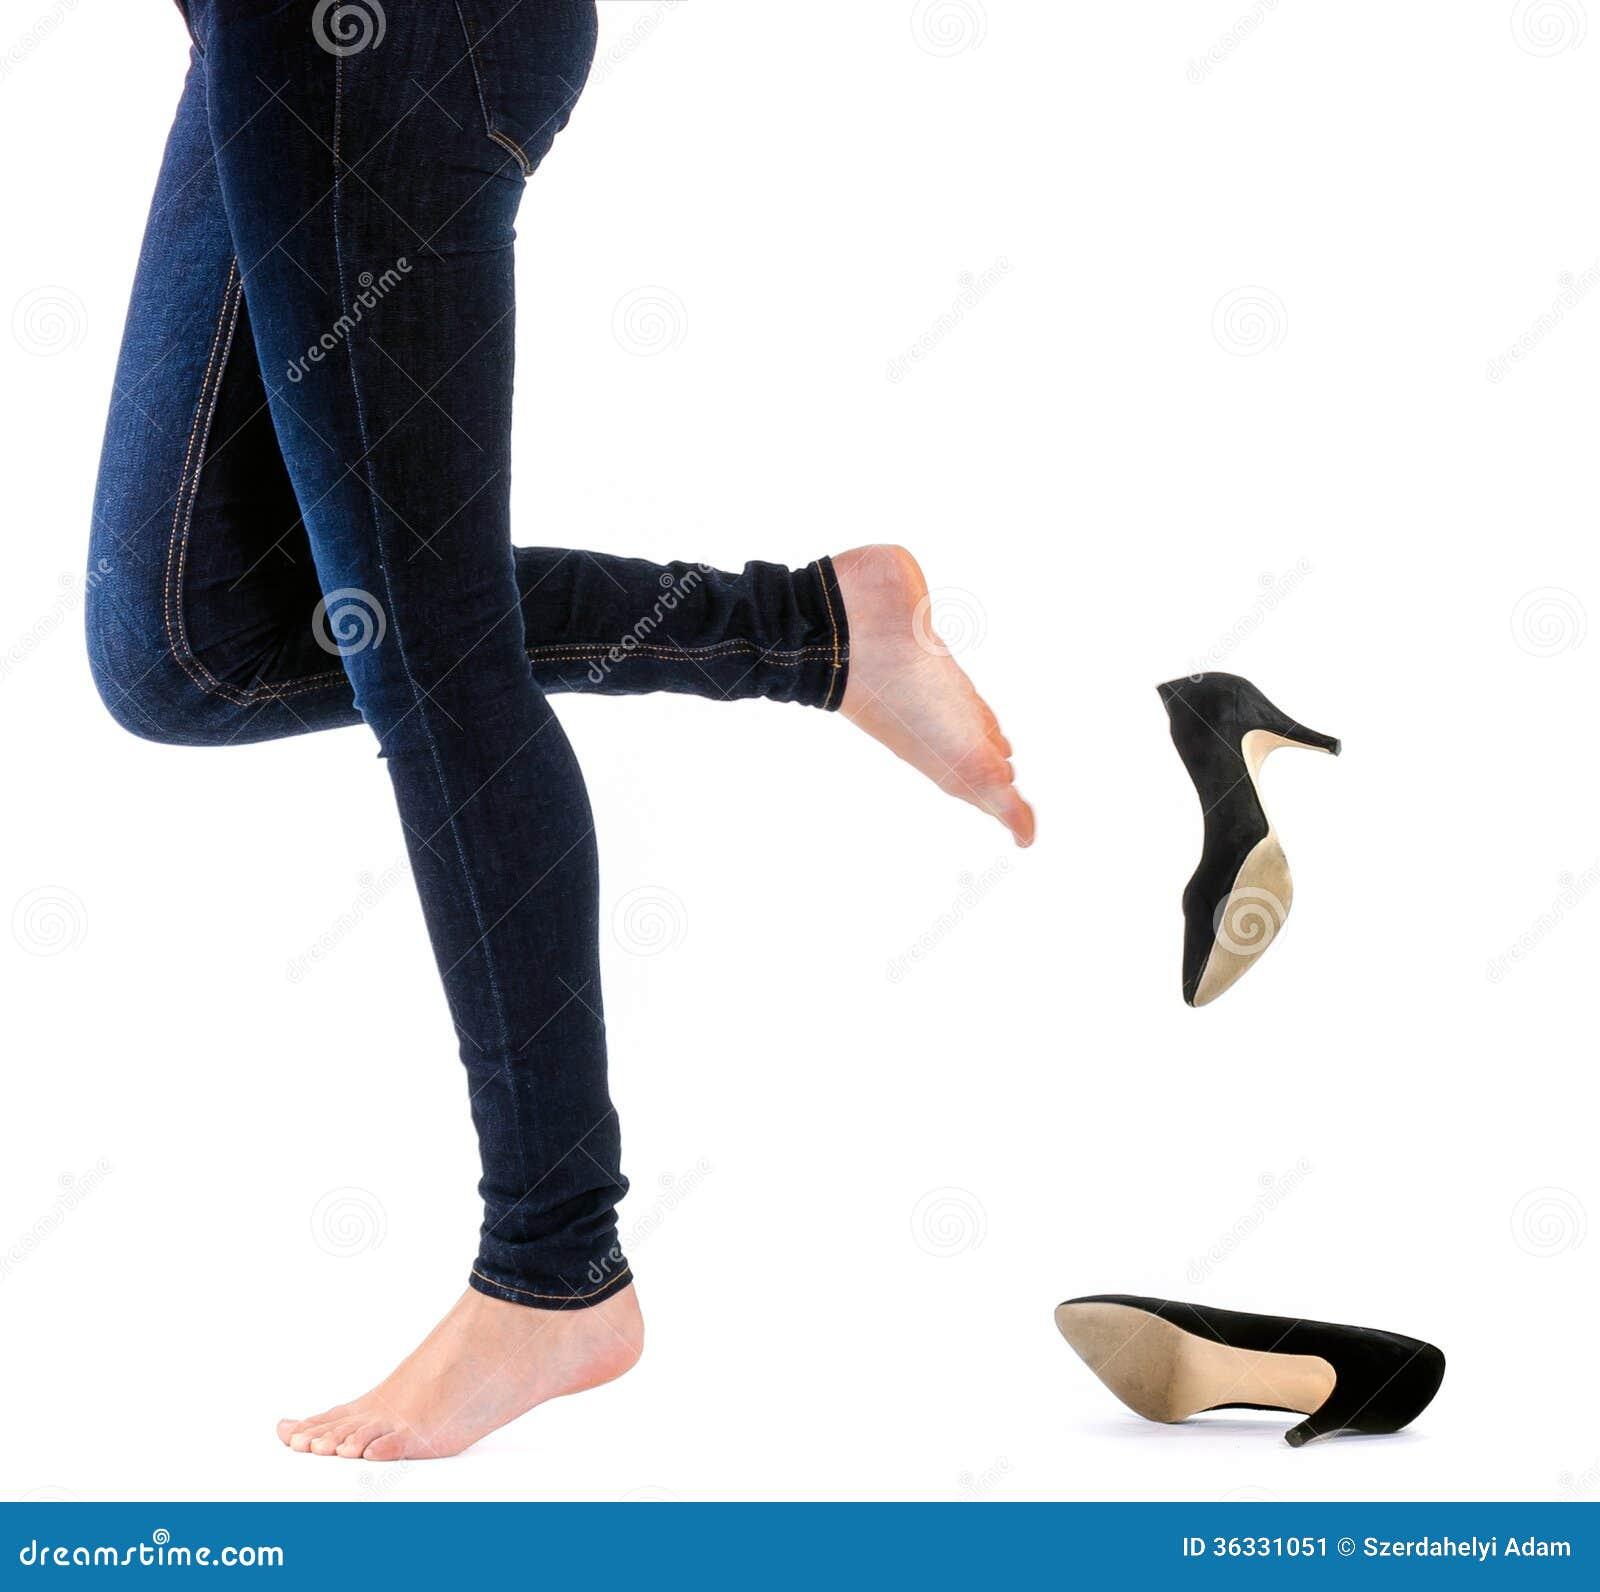 Simple Breeze Black ECCO Dress Shoes  ECCO Women Shoes X65f4060,ecco Slip